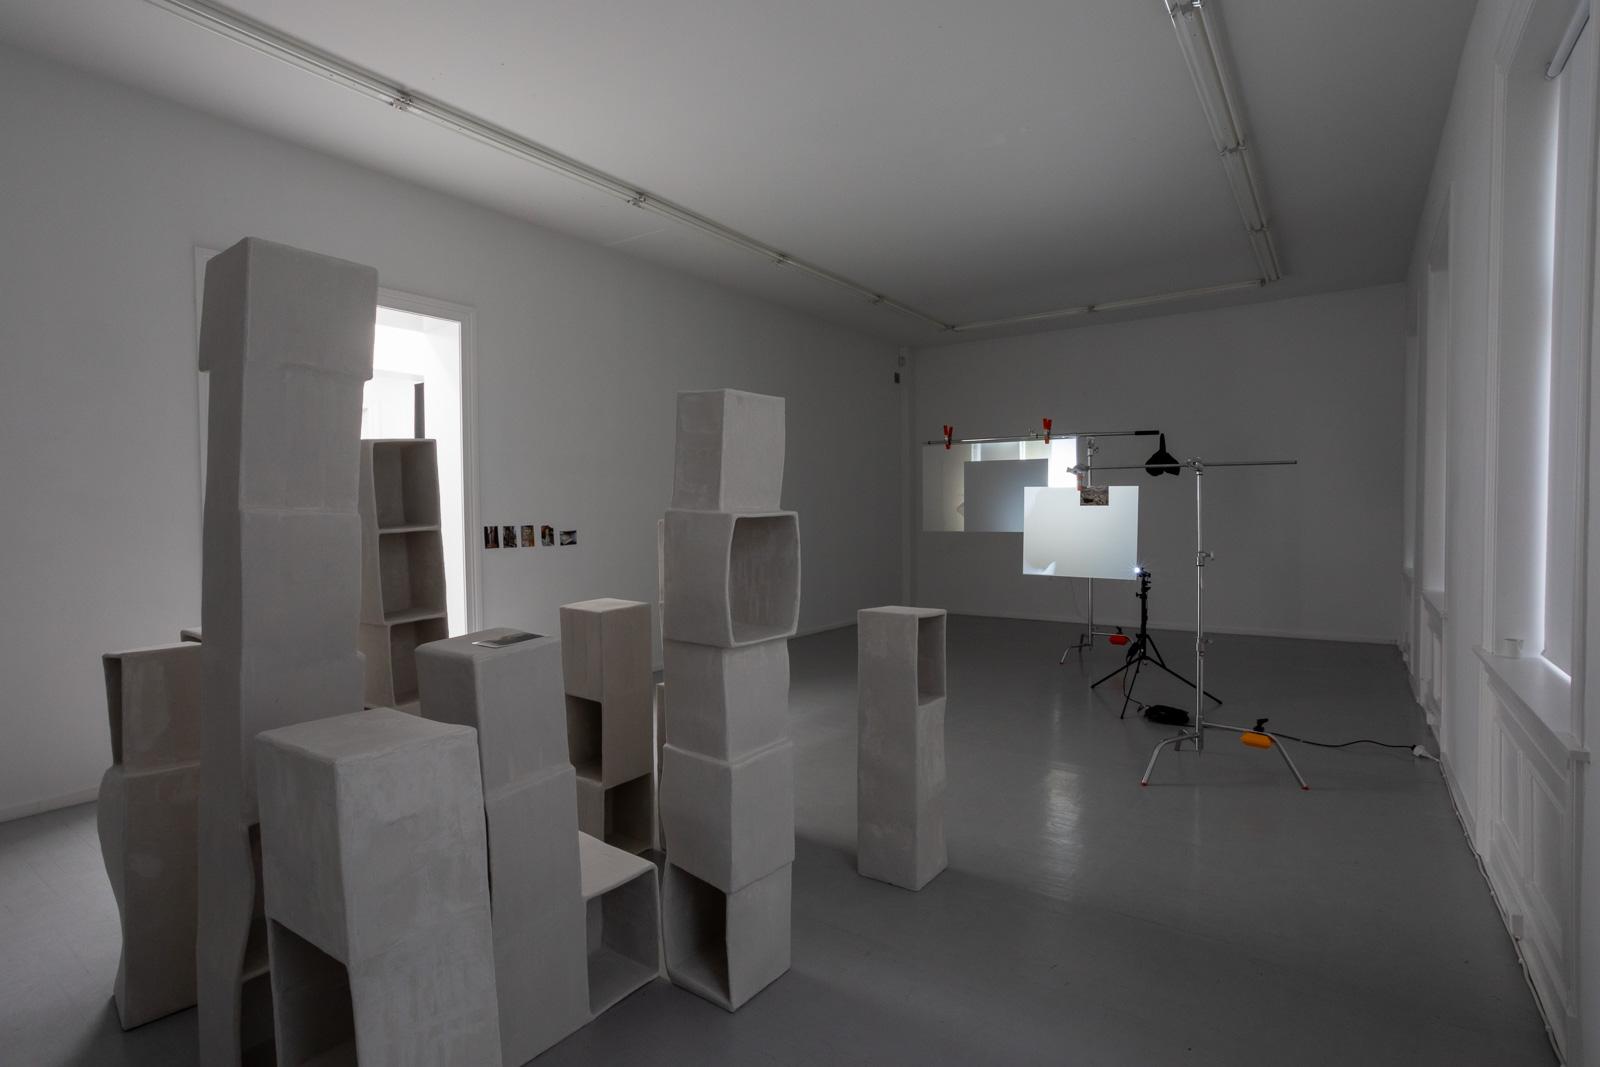 Nødvendigheten av leddsetninger, 2019. Mixed media installation, Dimensions variable, Videocamera: Marte Vold and KimSu Theiler, Editing: Silje Linge Haaland